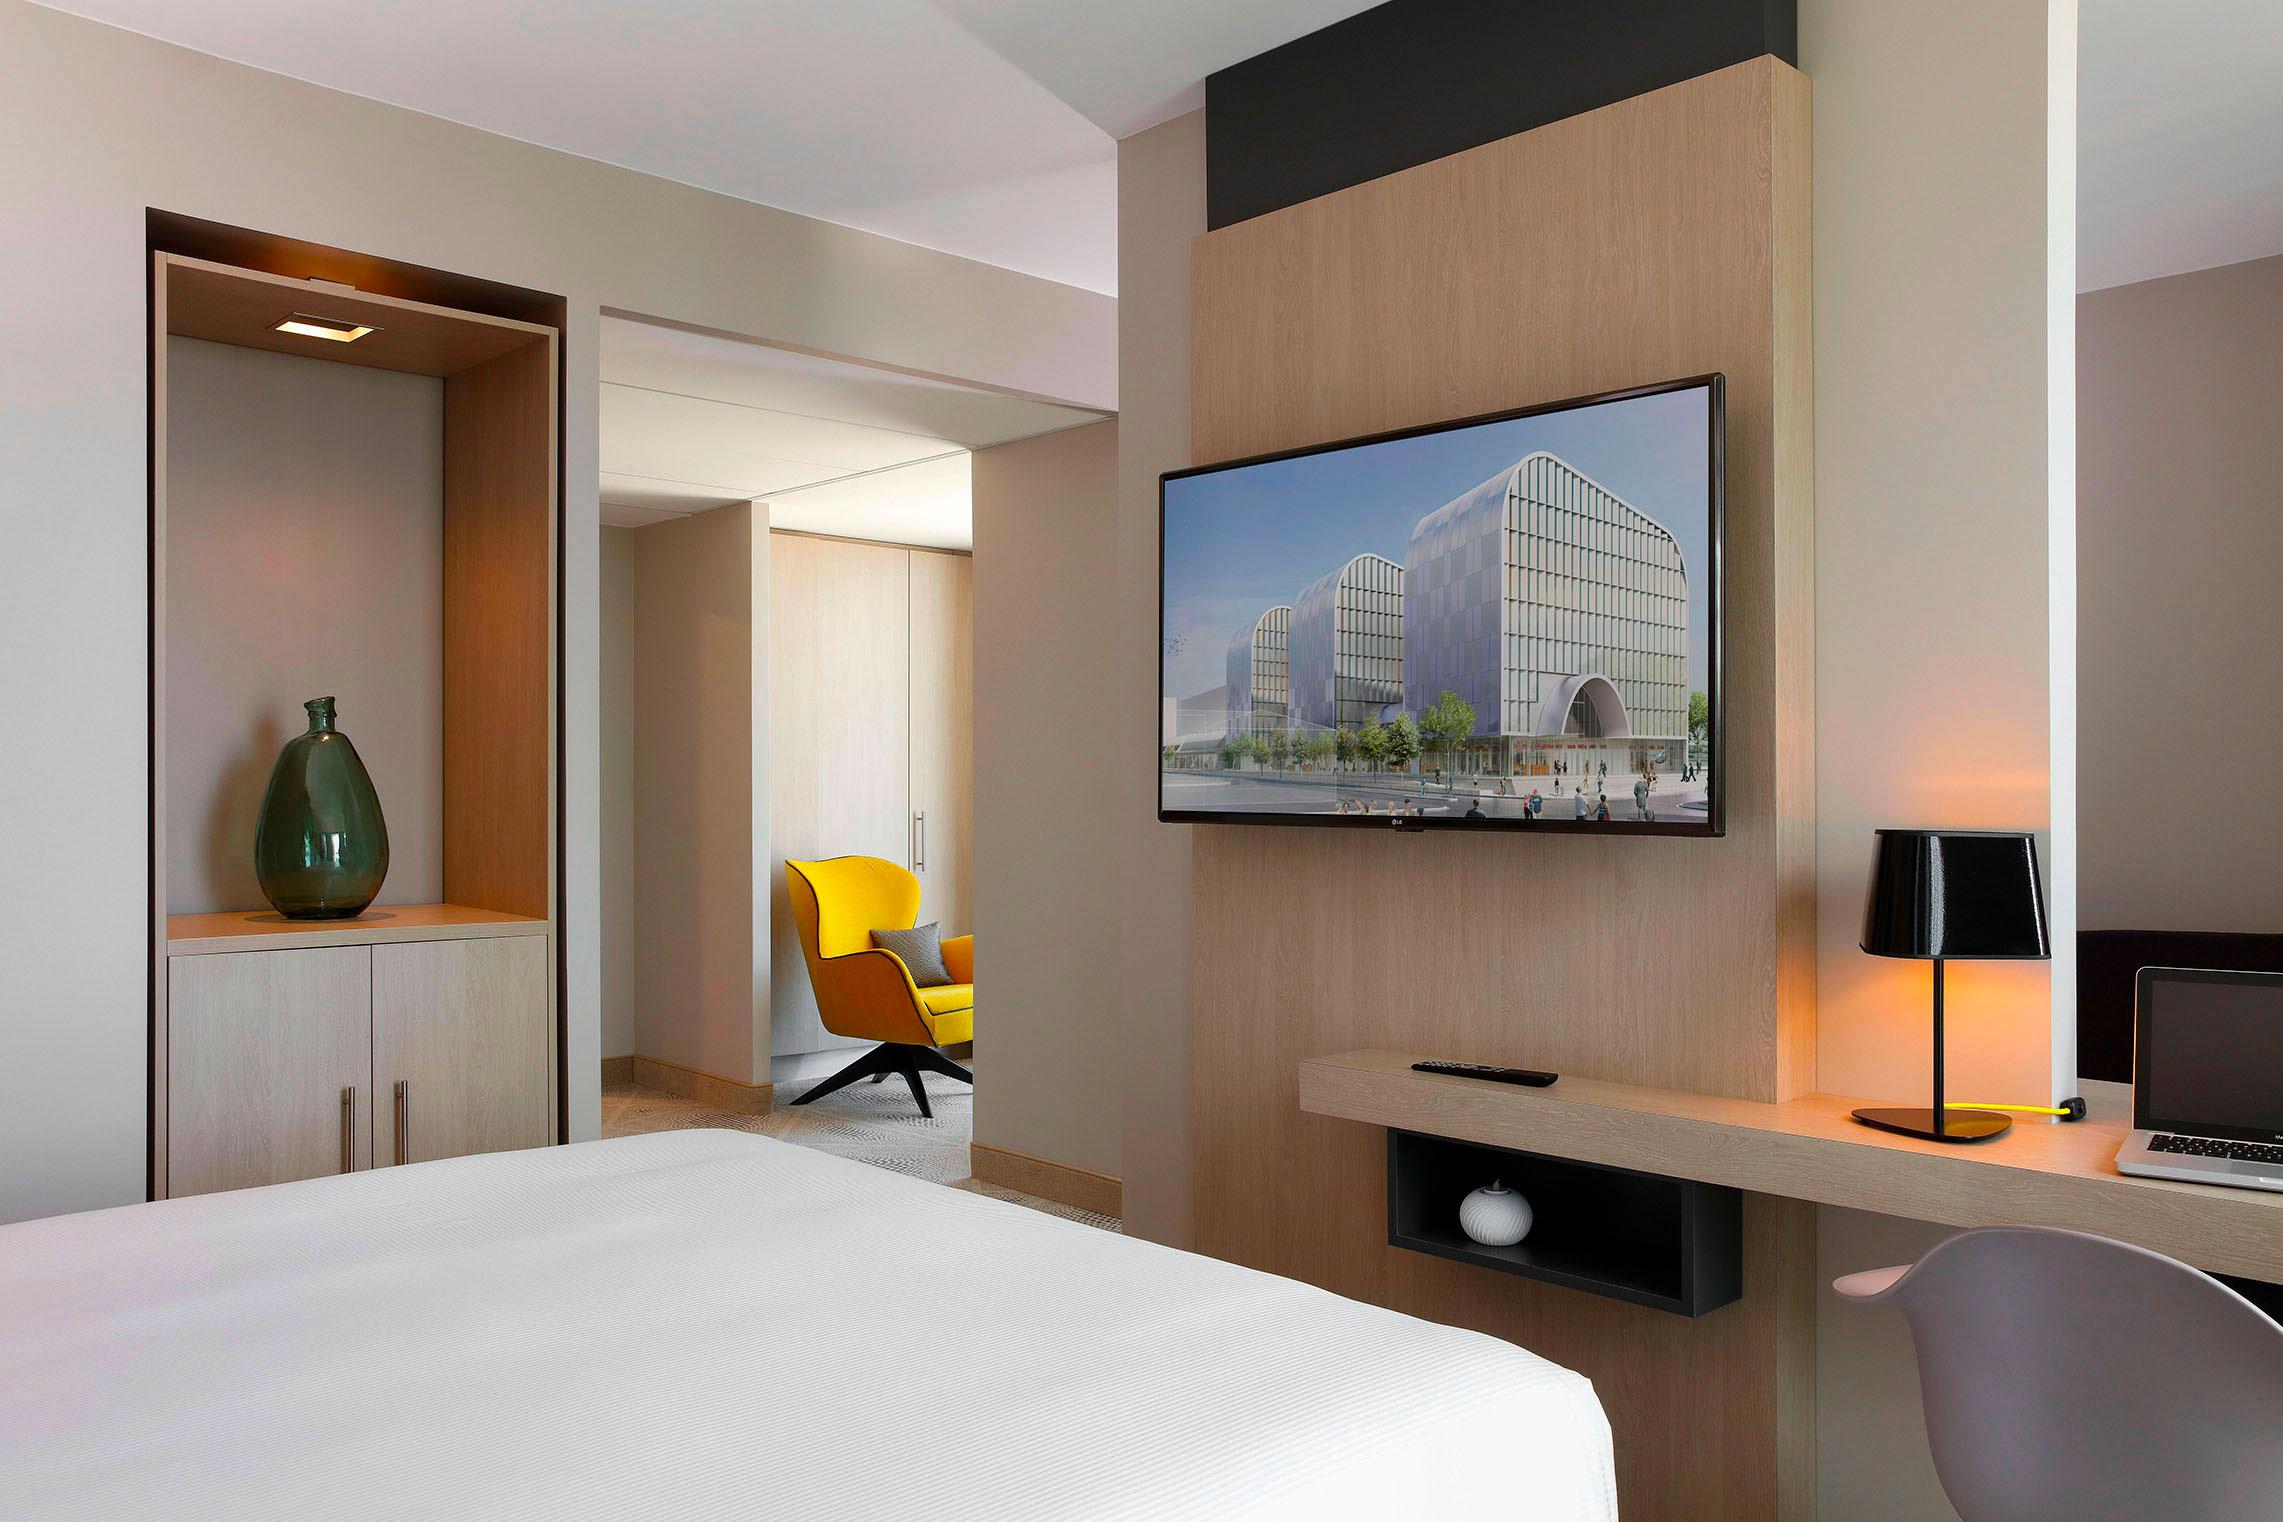 Hilton Garden Inn Bordeaux Centre - Suite Junior - Hôtel 4 étoiles Bordeaux - Vue Ensemble